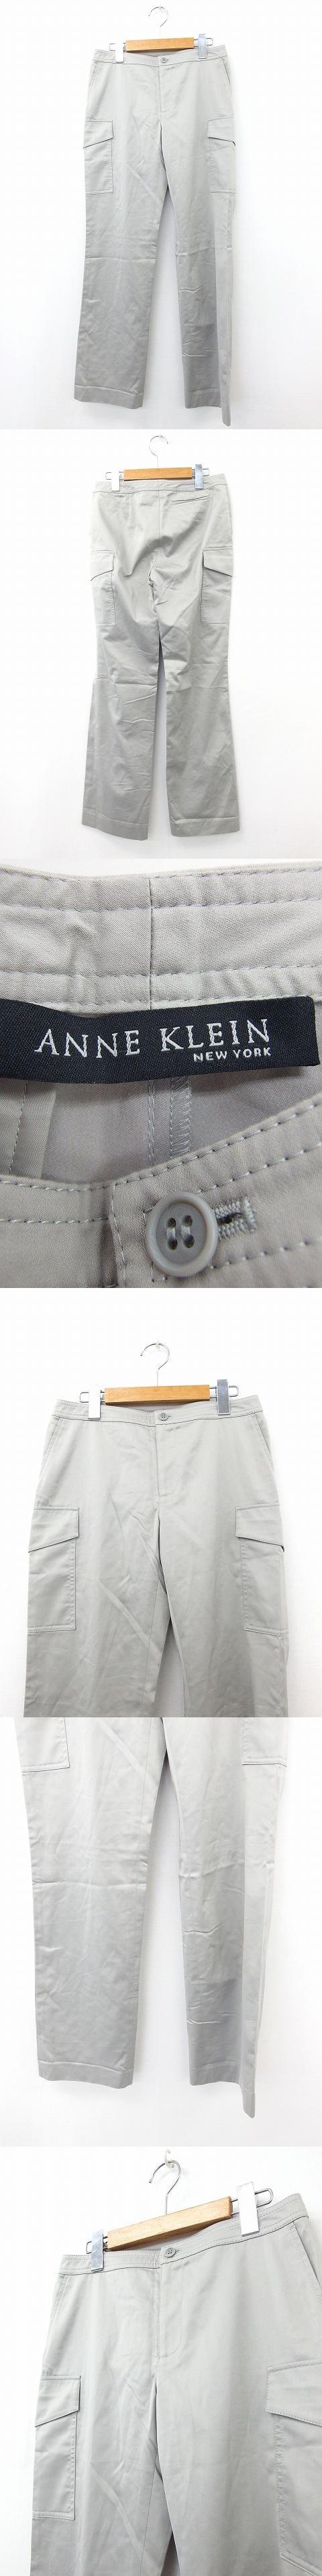 パンツ ボトムス カーゴパンツ ロング 綿 コットン 無地 シンプル 9 グレー /KT22